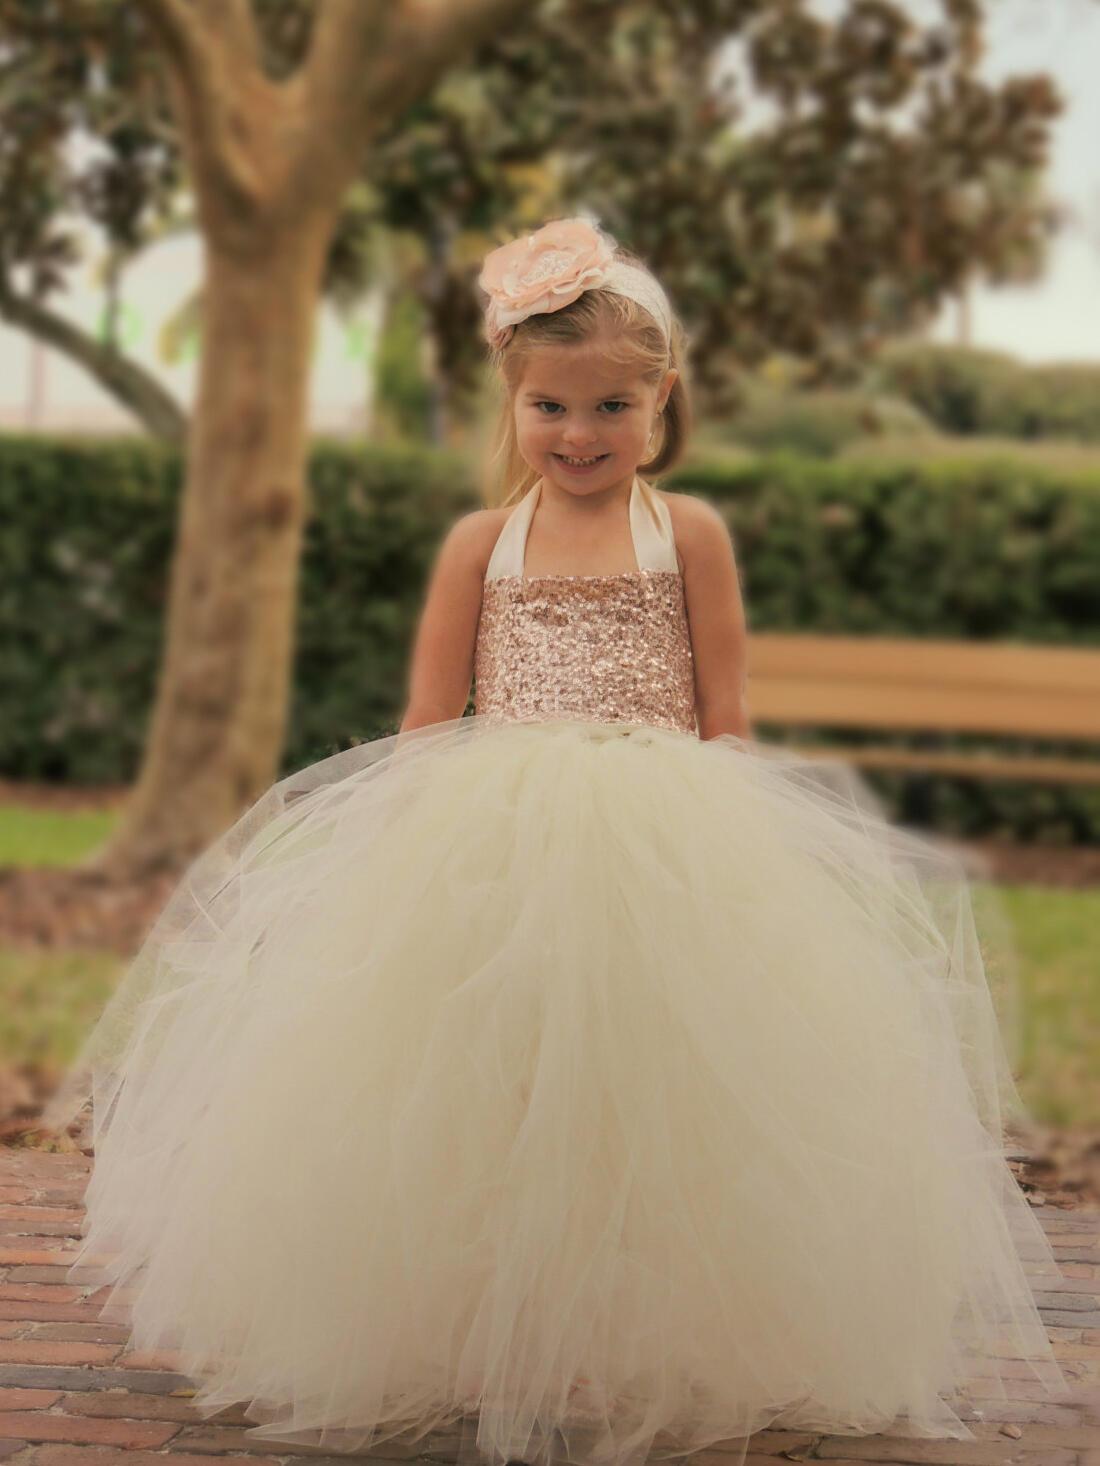 602de8dc1e3 Newest Halter Ball Gown Flower Girl Dresses Floor-length Tulle Sequined  Sleeveless (010145221. Loading zoom